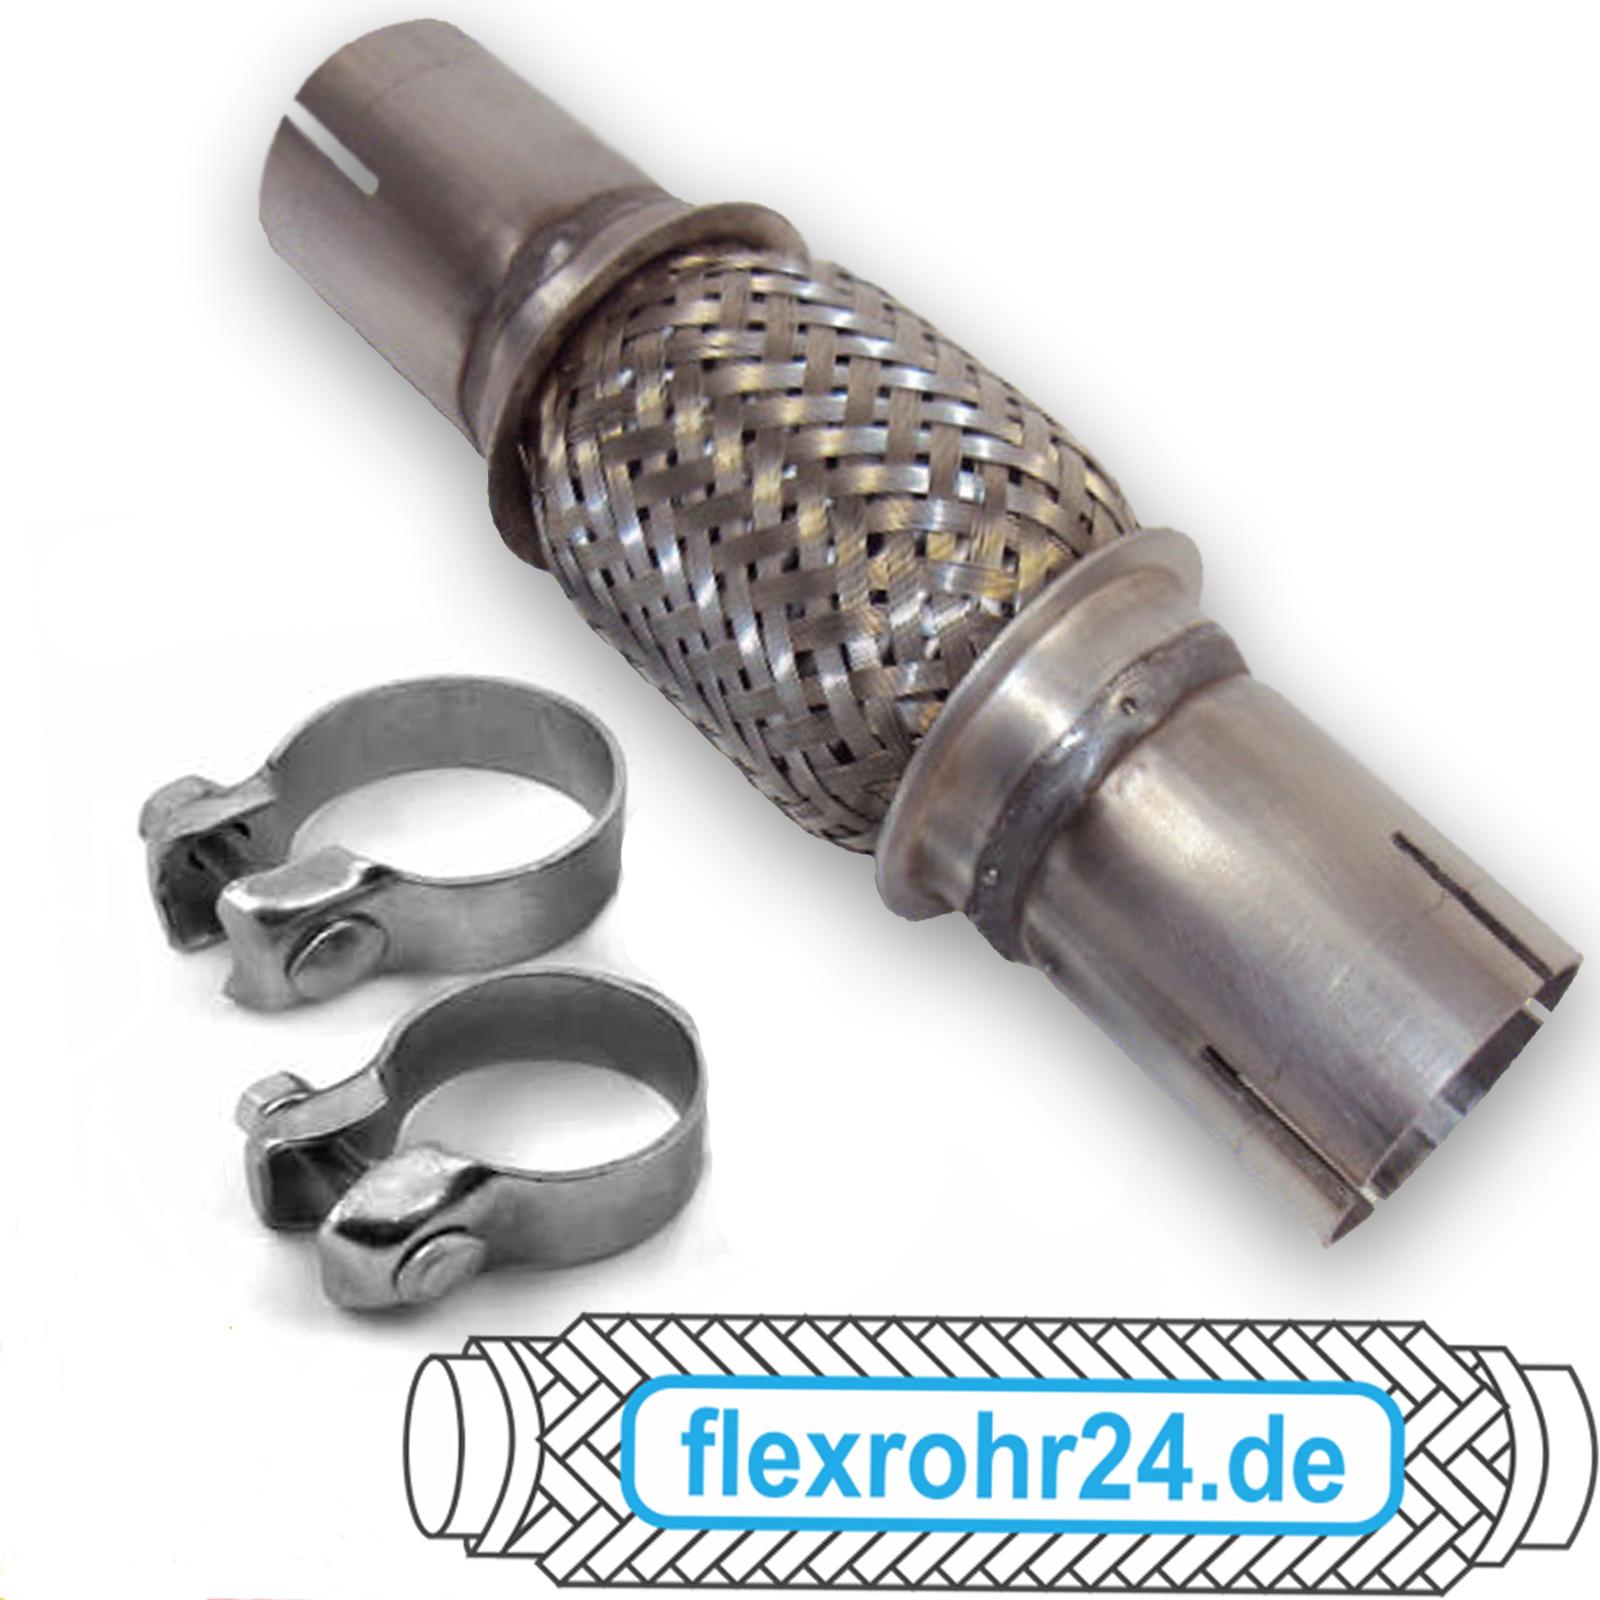 Flexrohr Flexstück Auspuff ohne Schweißen universal inkl. Schellen